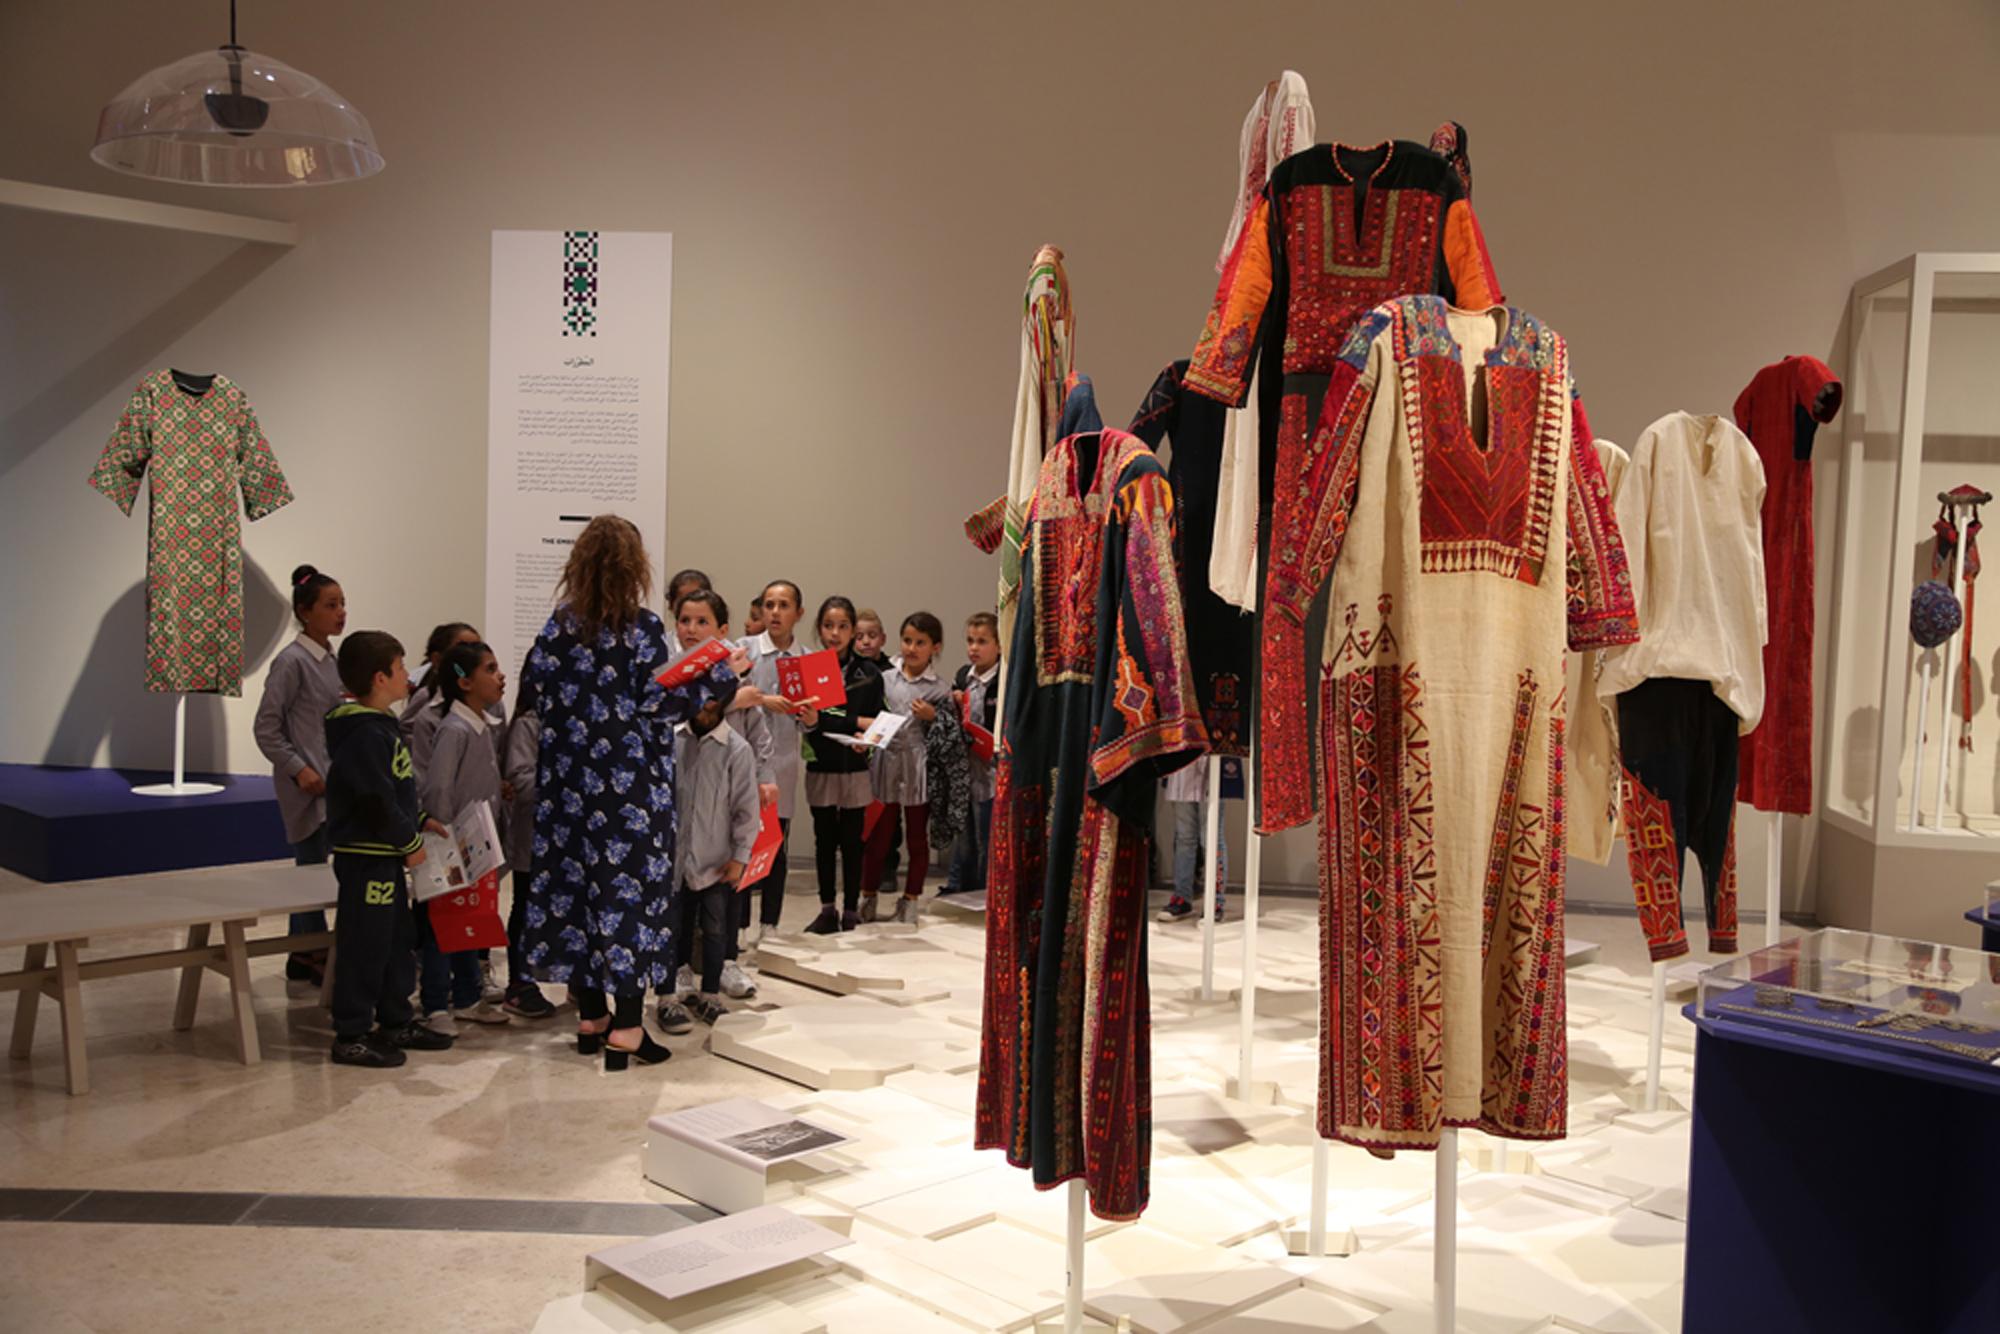 المتحف الفلسطيني يستقبل أكثر من 9 آلاف زائر منذ افتتاح